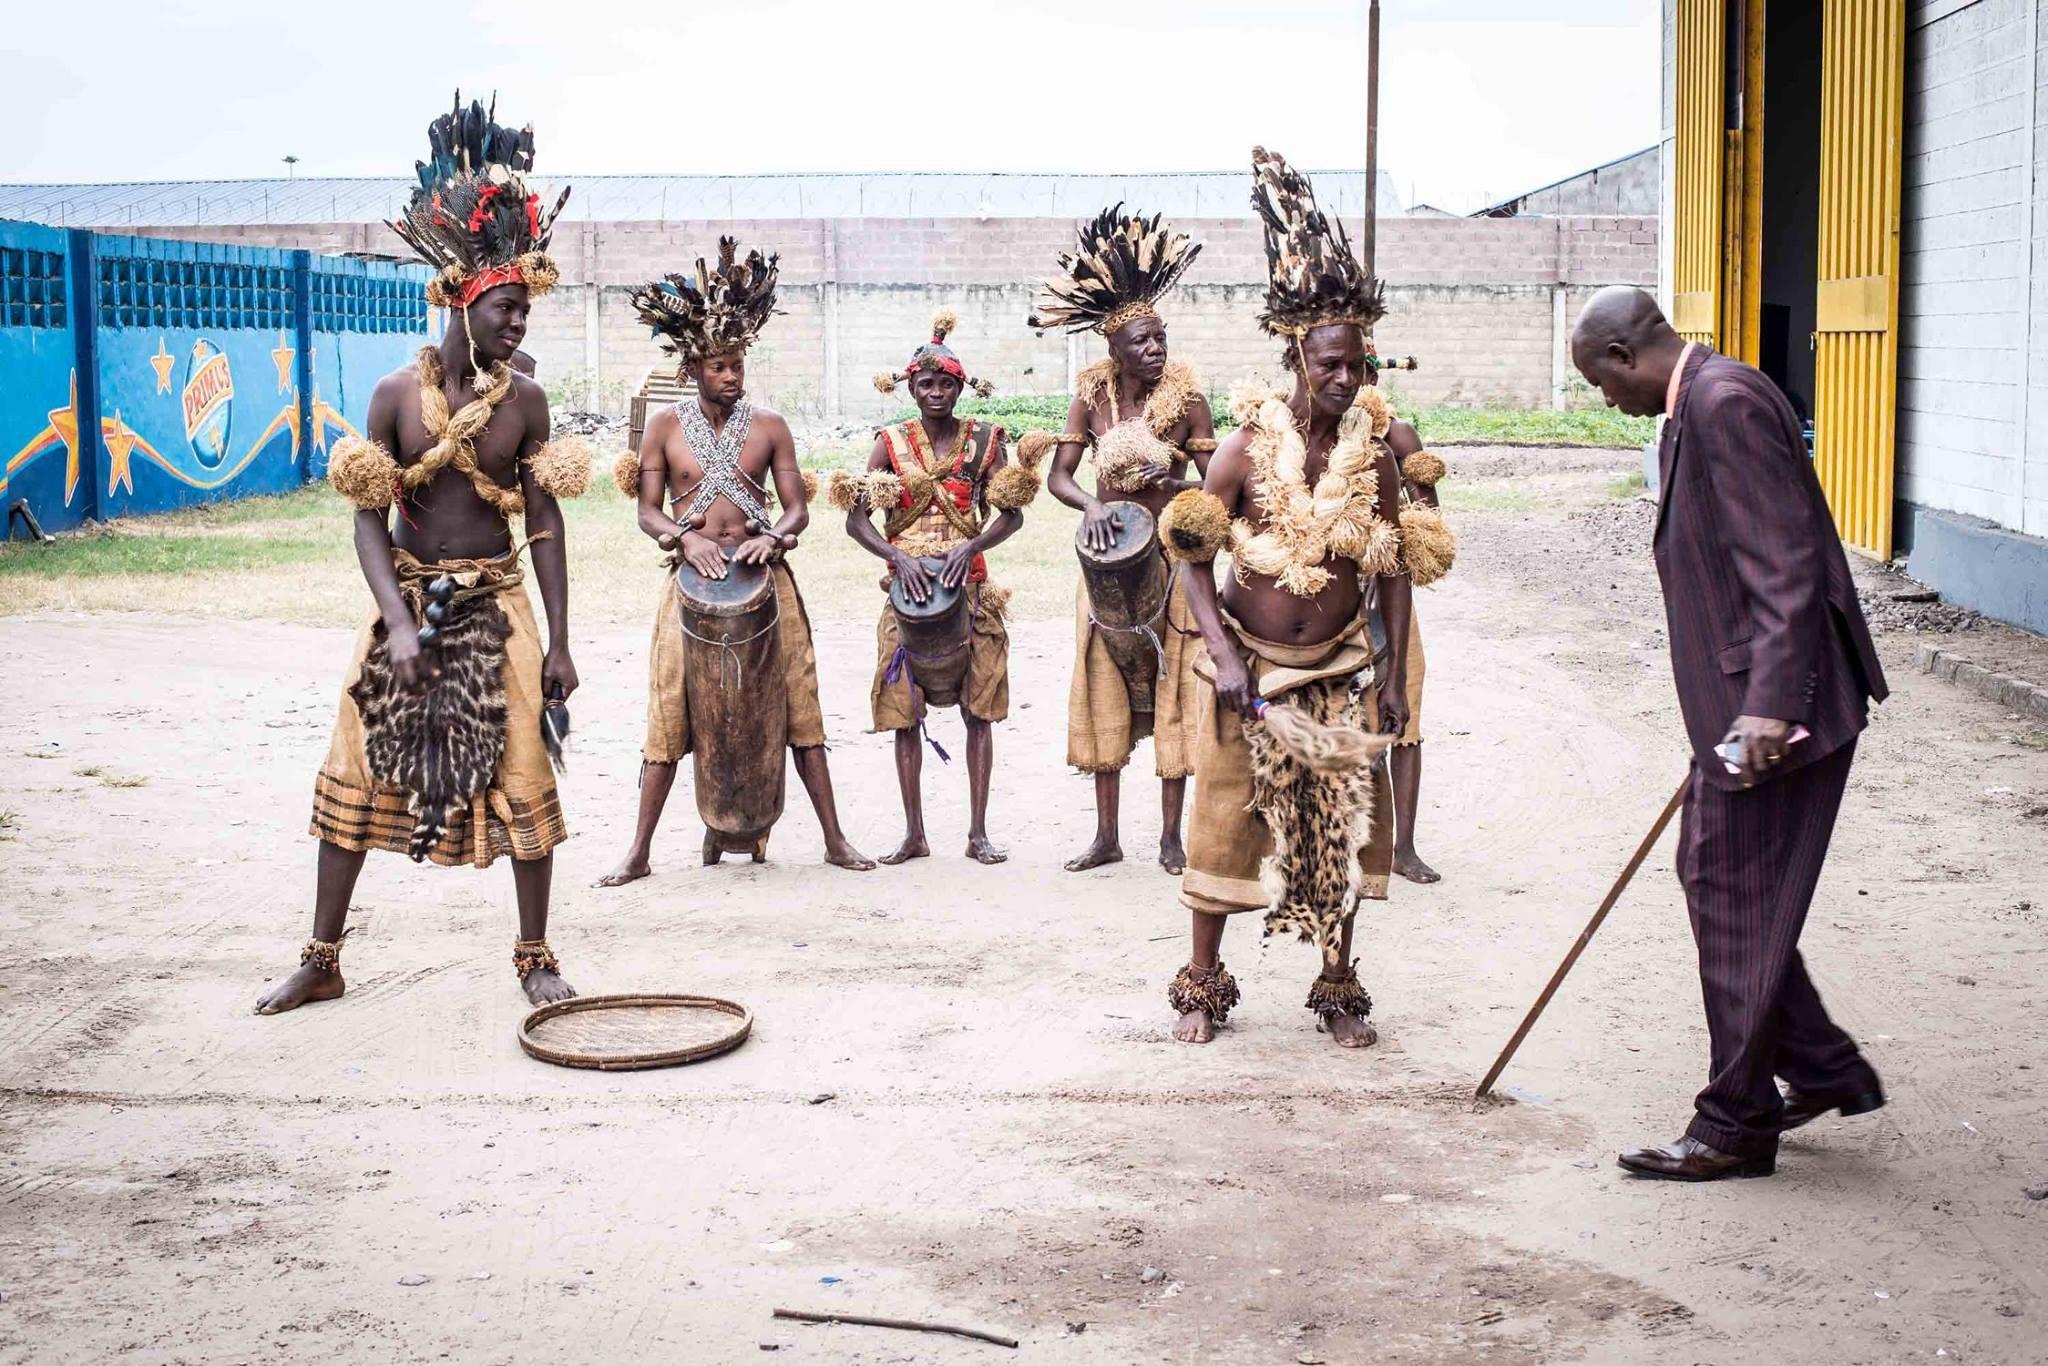 Danseurs traditionnels à la foire internationale de Kinshasa. République démocratique du Congo, 2014.